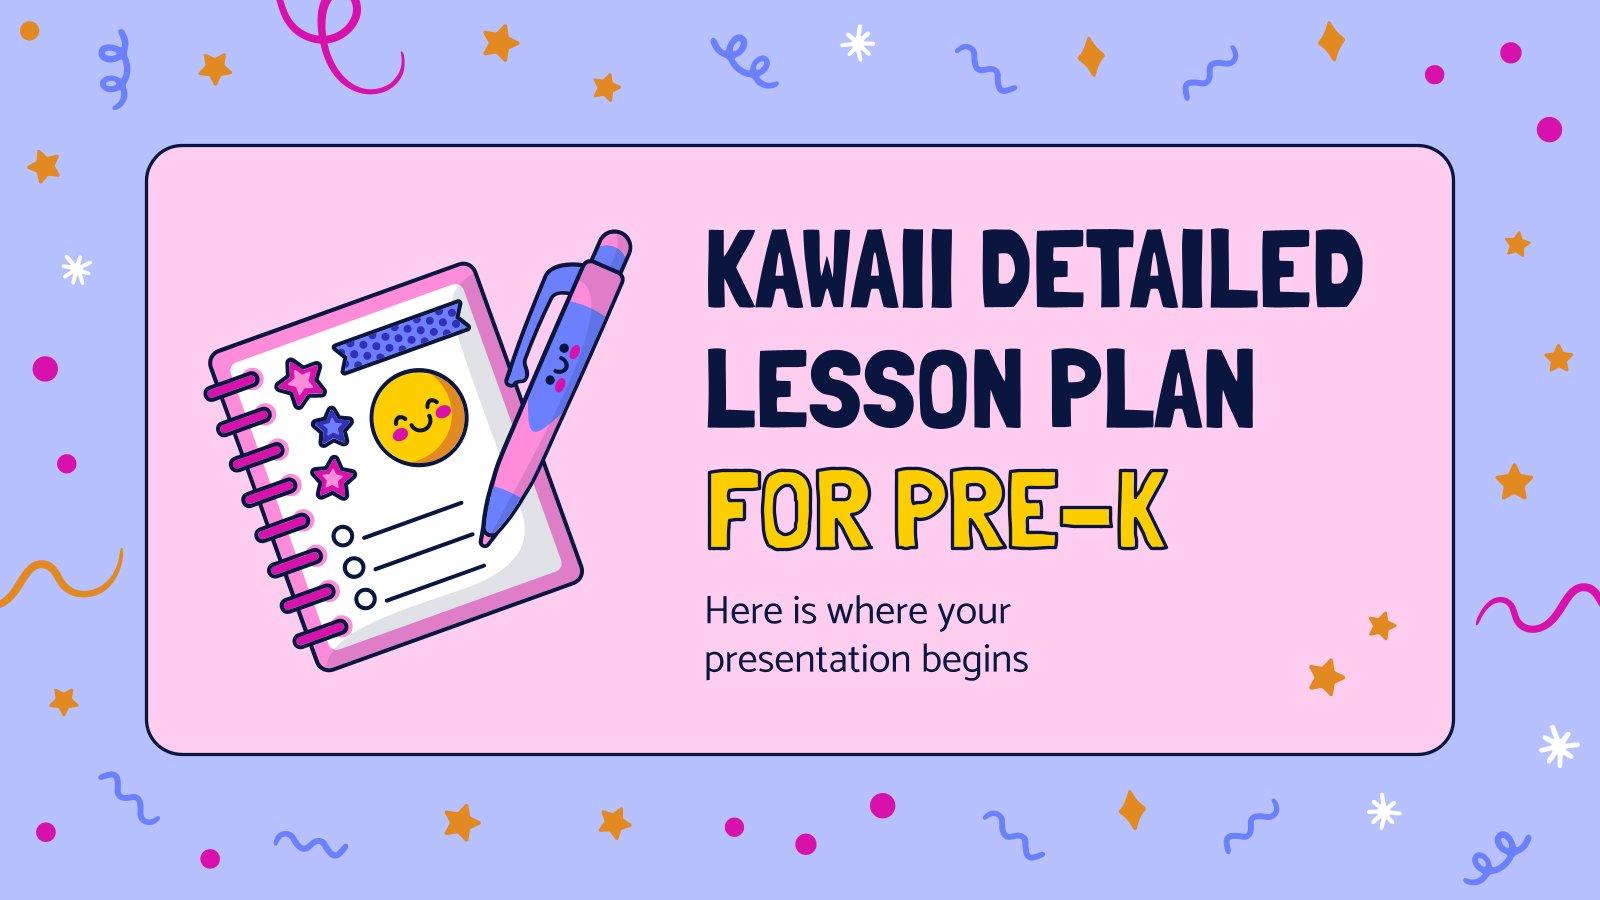 Vorschule: Unterrichtspläne im Kawaii-Stil Präsentationsvorlage